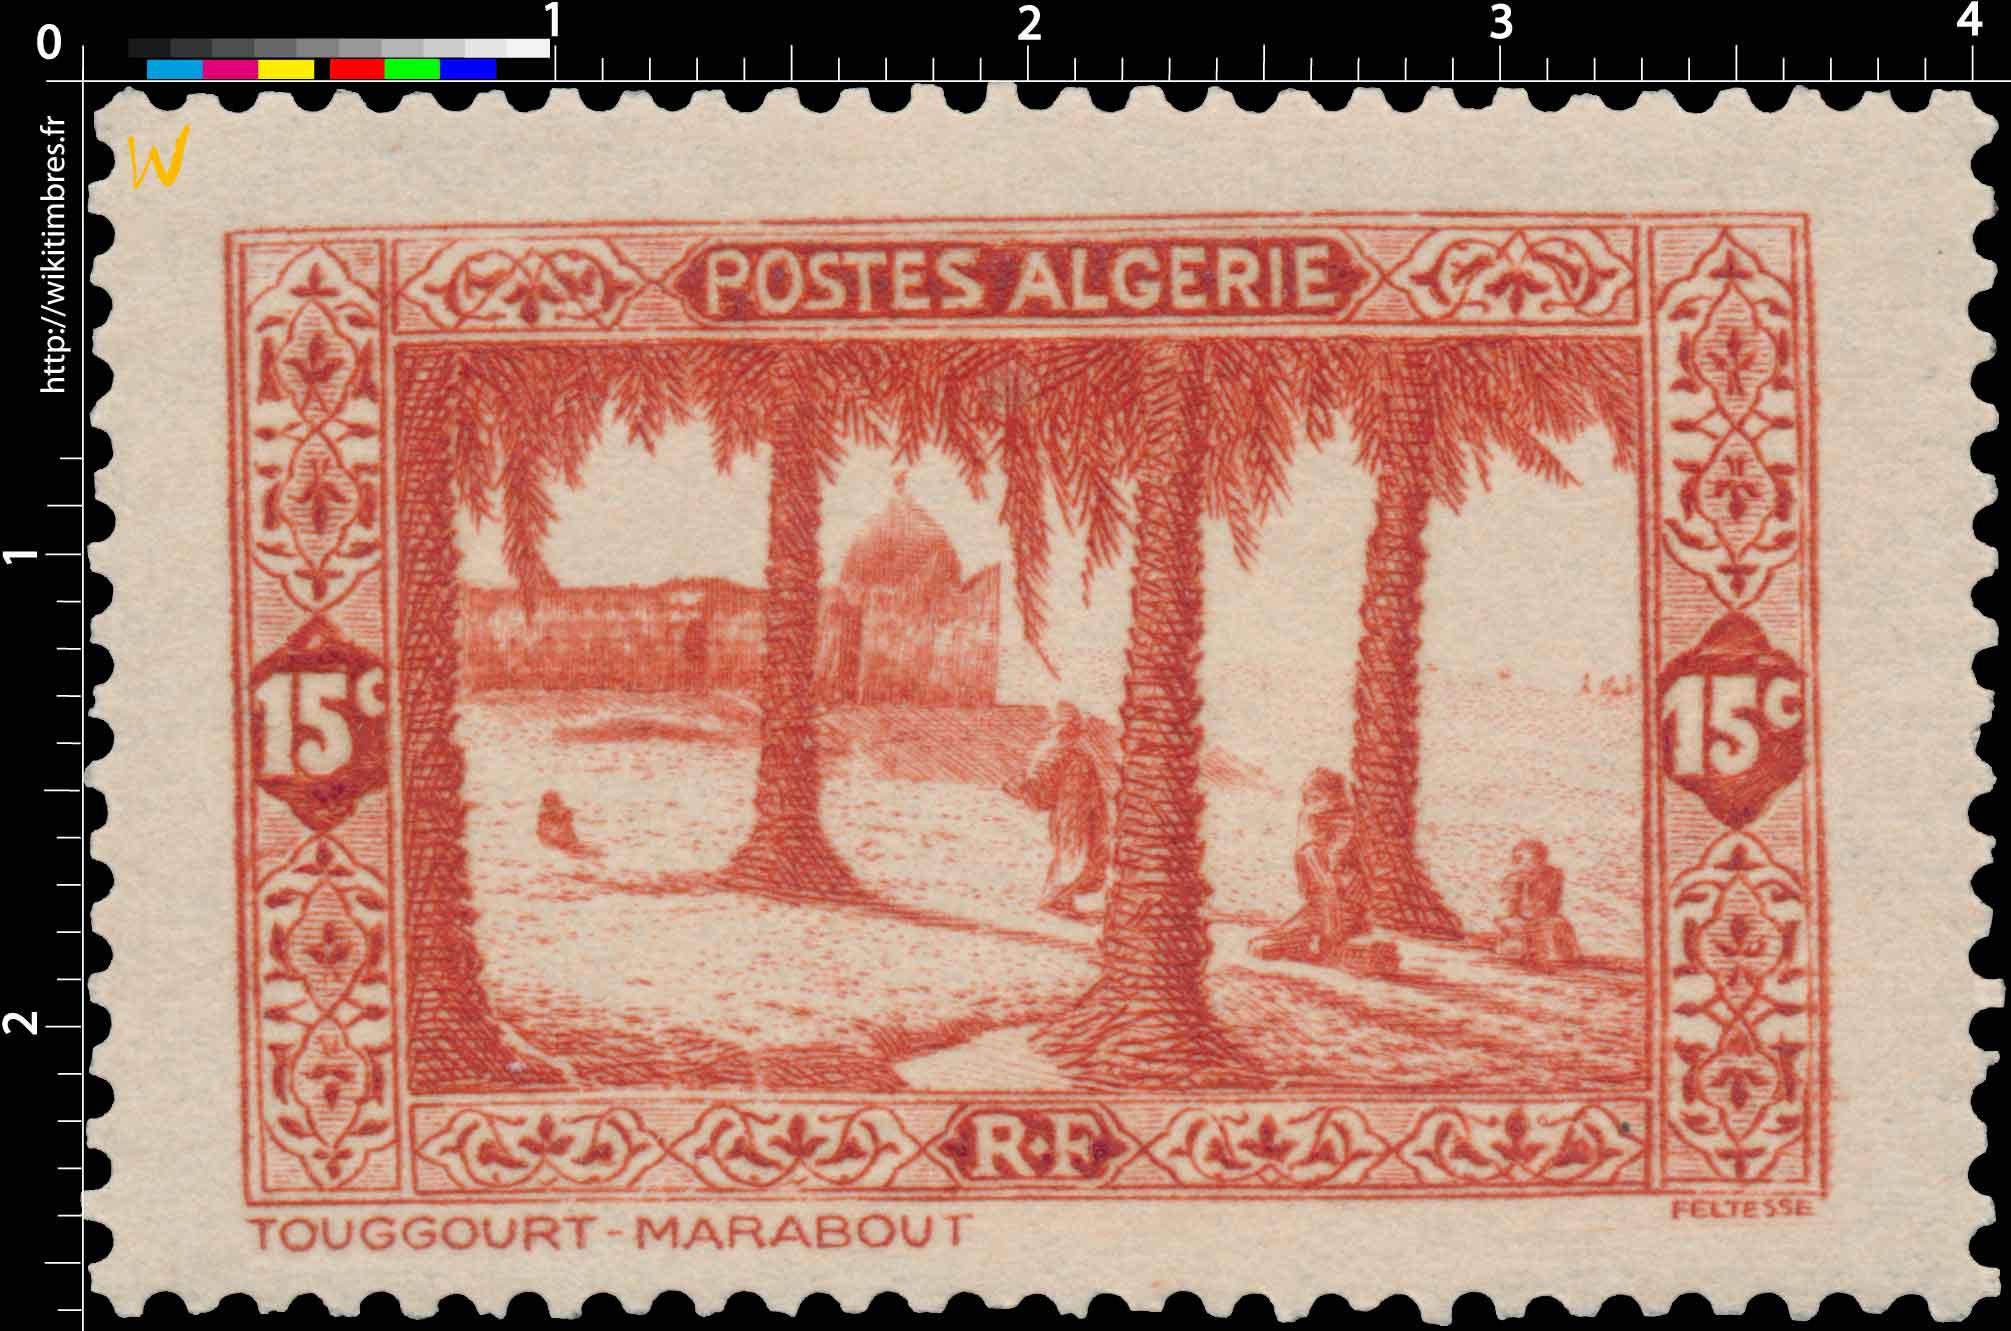 Algérie - Touggourt Marabout